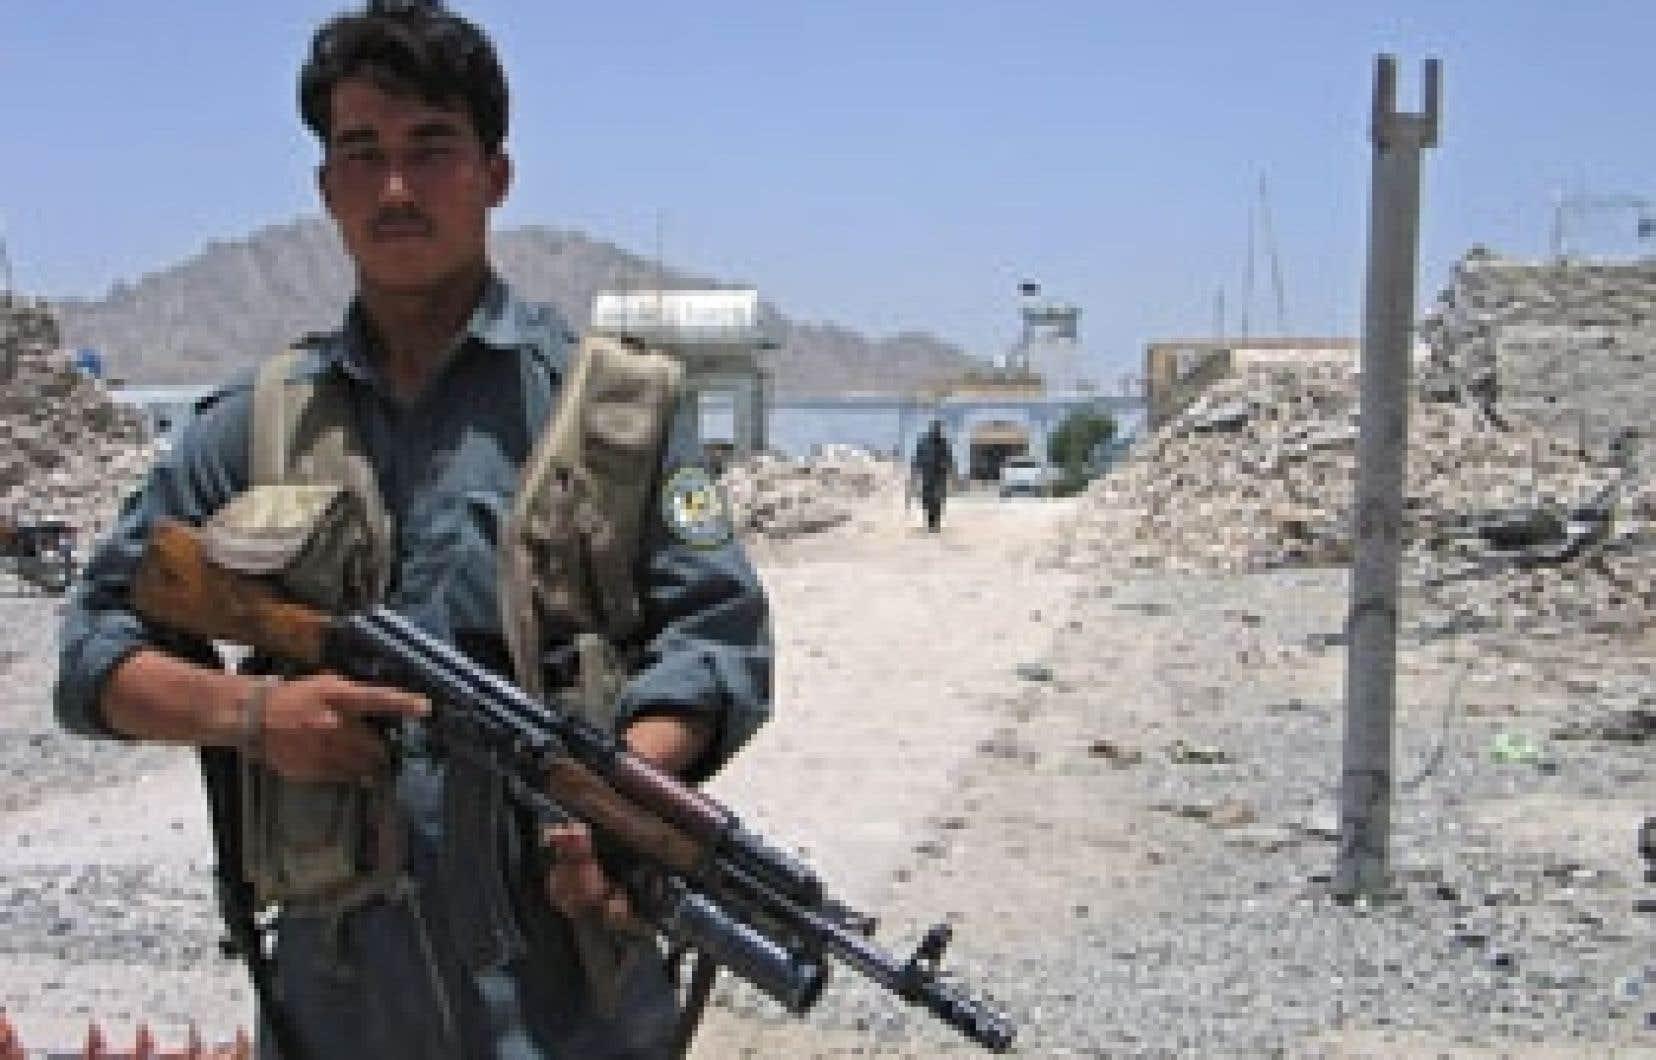 Un policier afghan montait la garde hier devant la prison de Sarpoza, à Kandahar, d'où plus de 900détenus, dont 400 talibans, se sont évadés vendredi à la suite d'une attaque. Le Service correctionnel du Canada avait prévenu le gouvernement